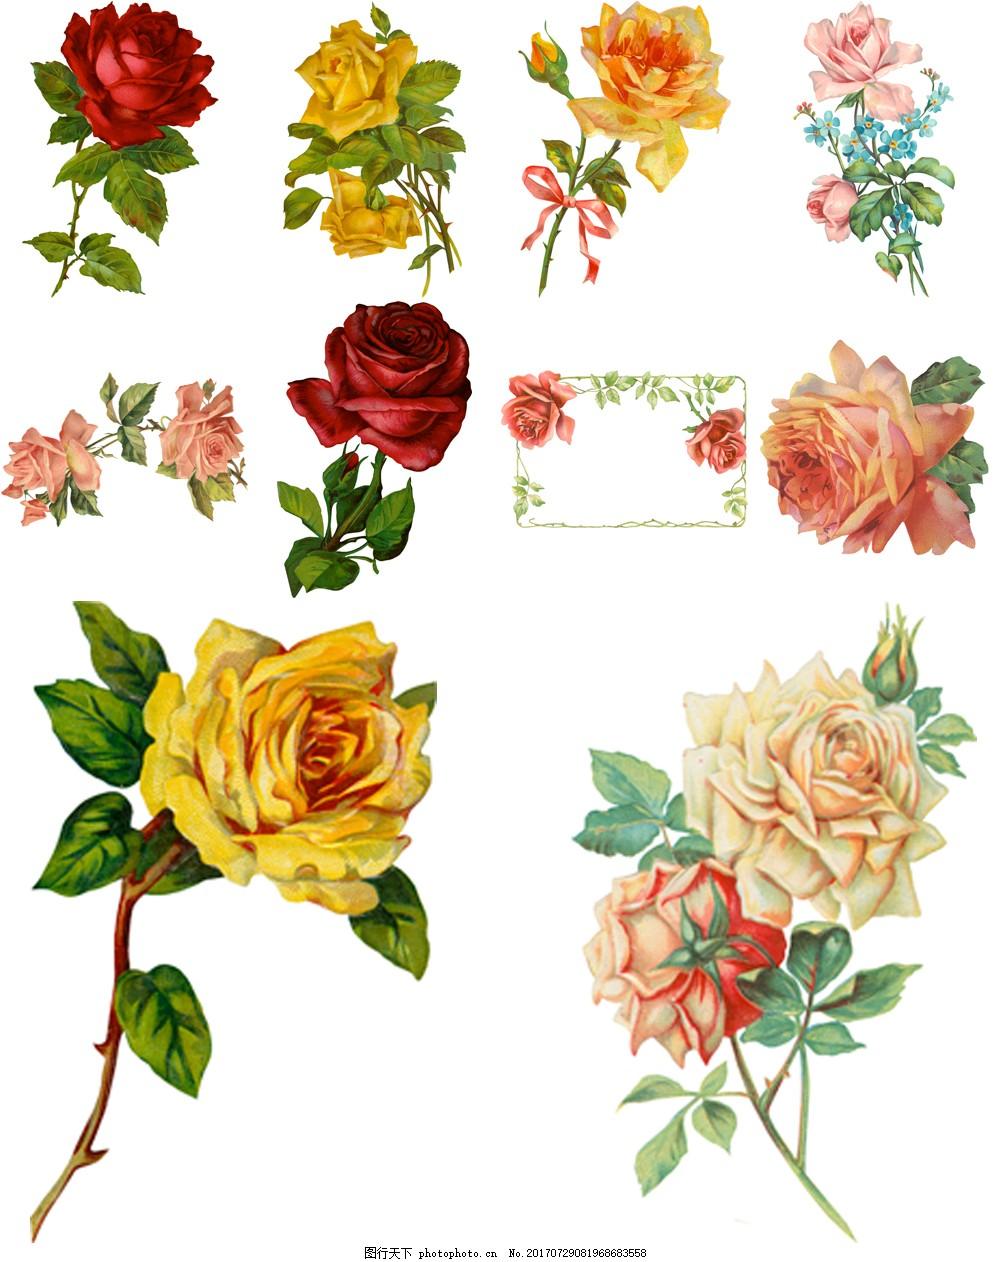 手绘复古玫瑰花 艺术 插画 红玫瑰 黄玫瑰 牡丹 植物 水彩绘